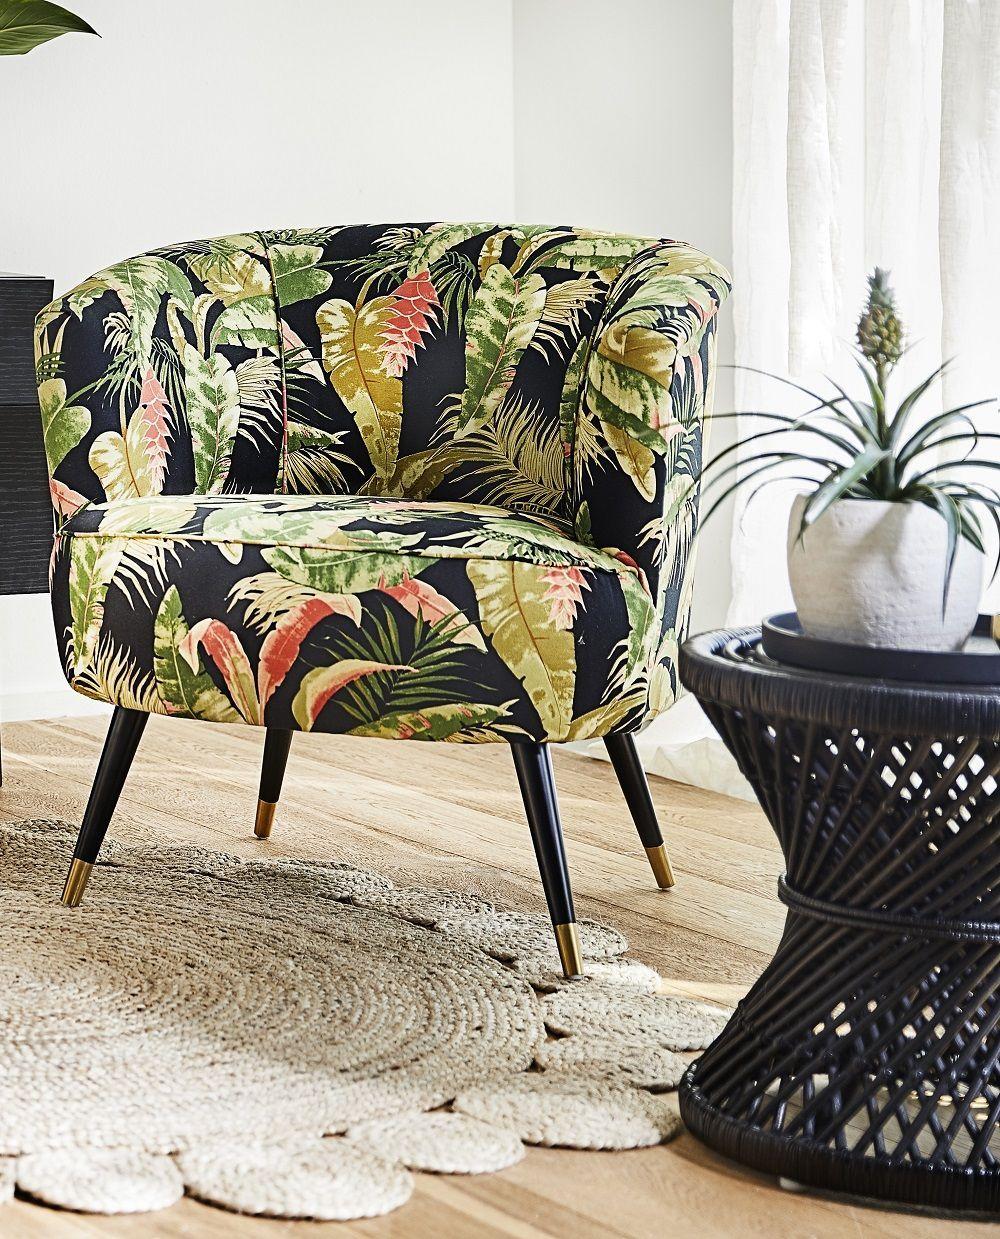 Tropical Vibes In Dieser Wunderschonen Leseecke Herrscht Tropisches Ambiente Der Super Stylische Sessel Ella Mit